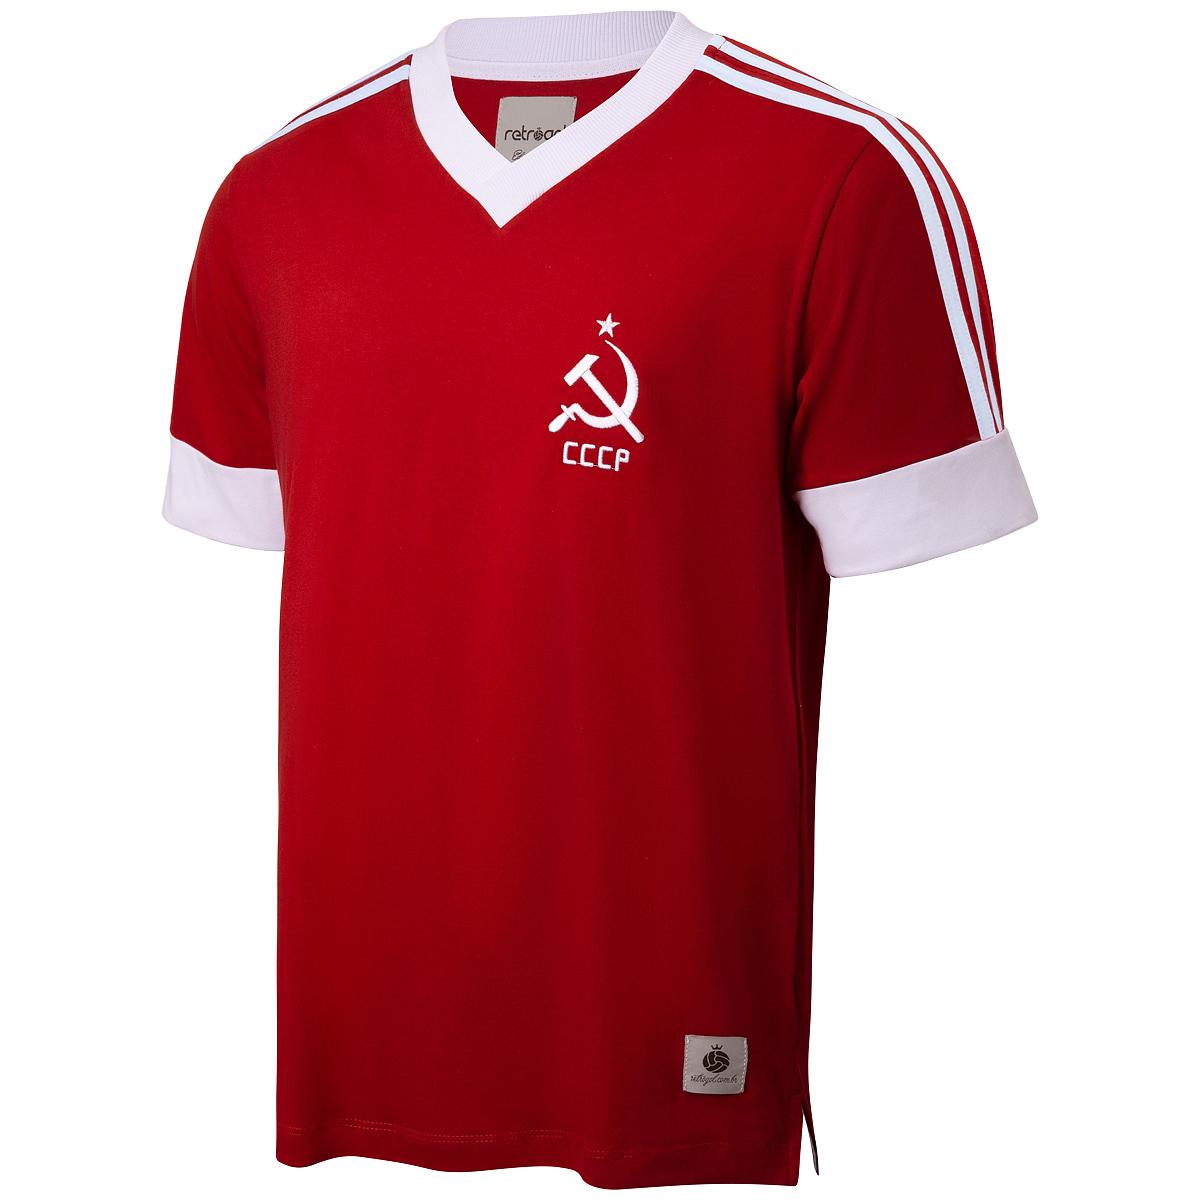 Camisa CCCP Retrô Listras Masculina